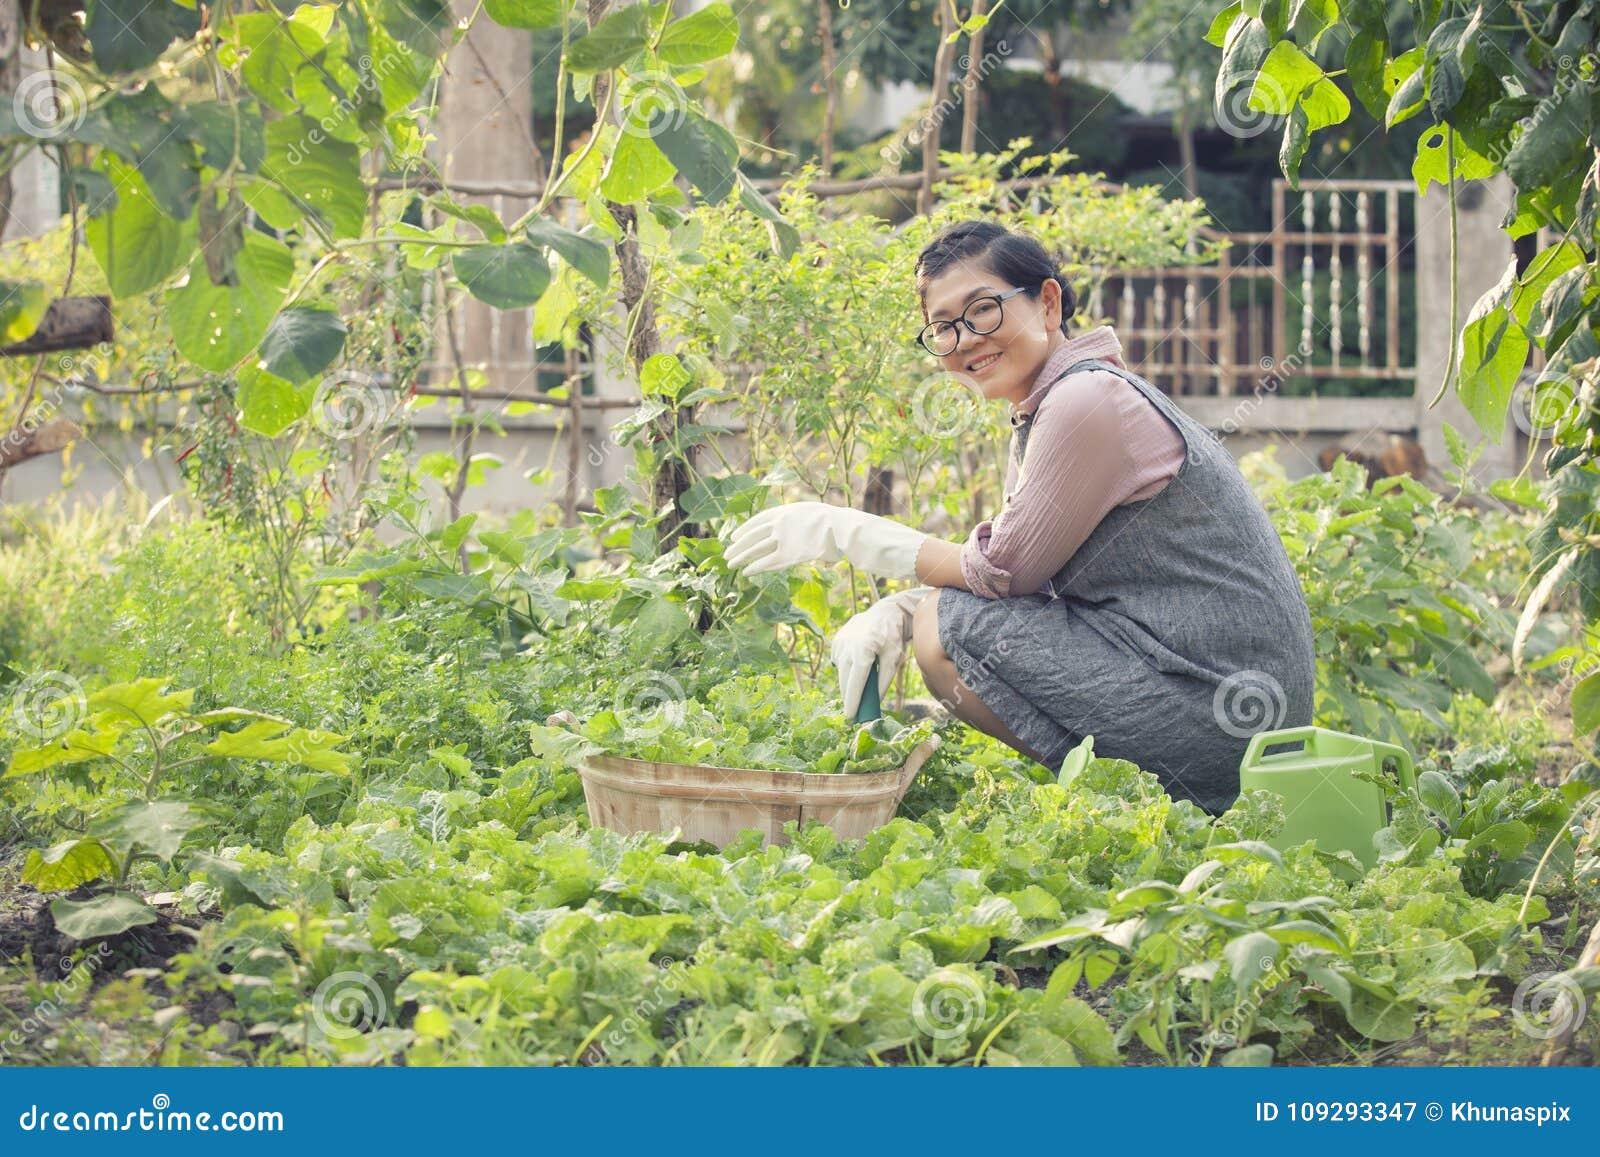 lavorare nel giardinaggio